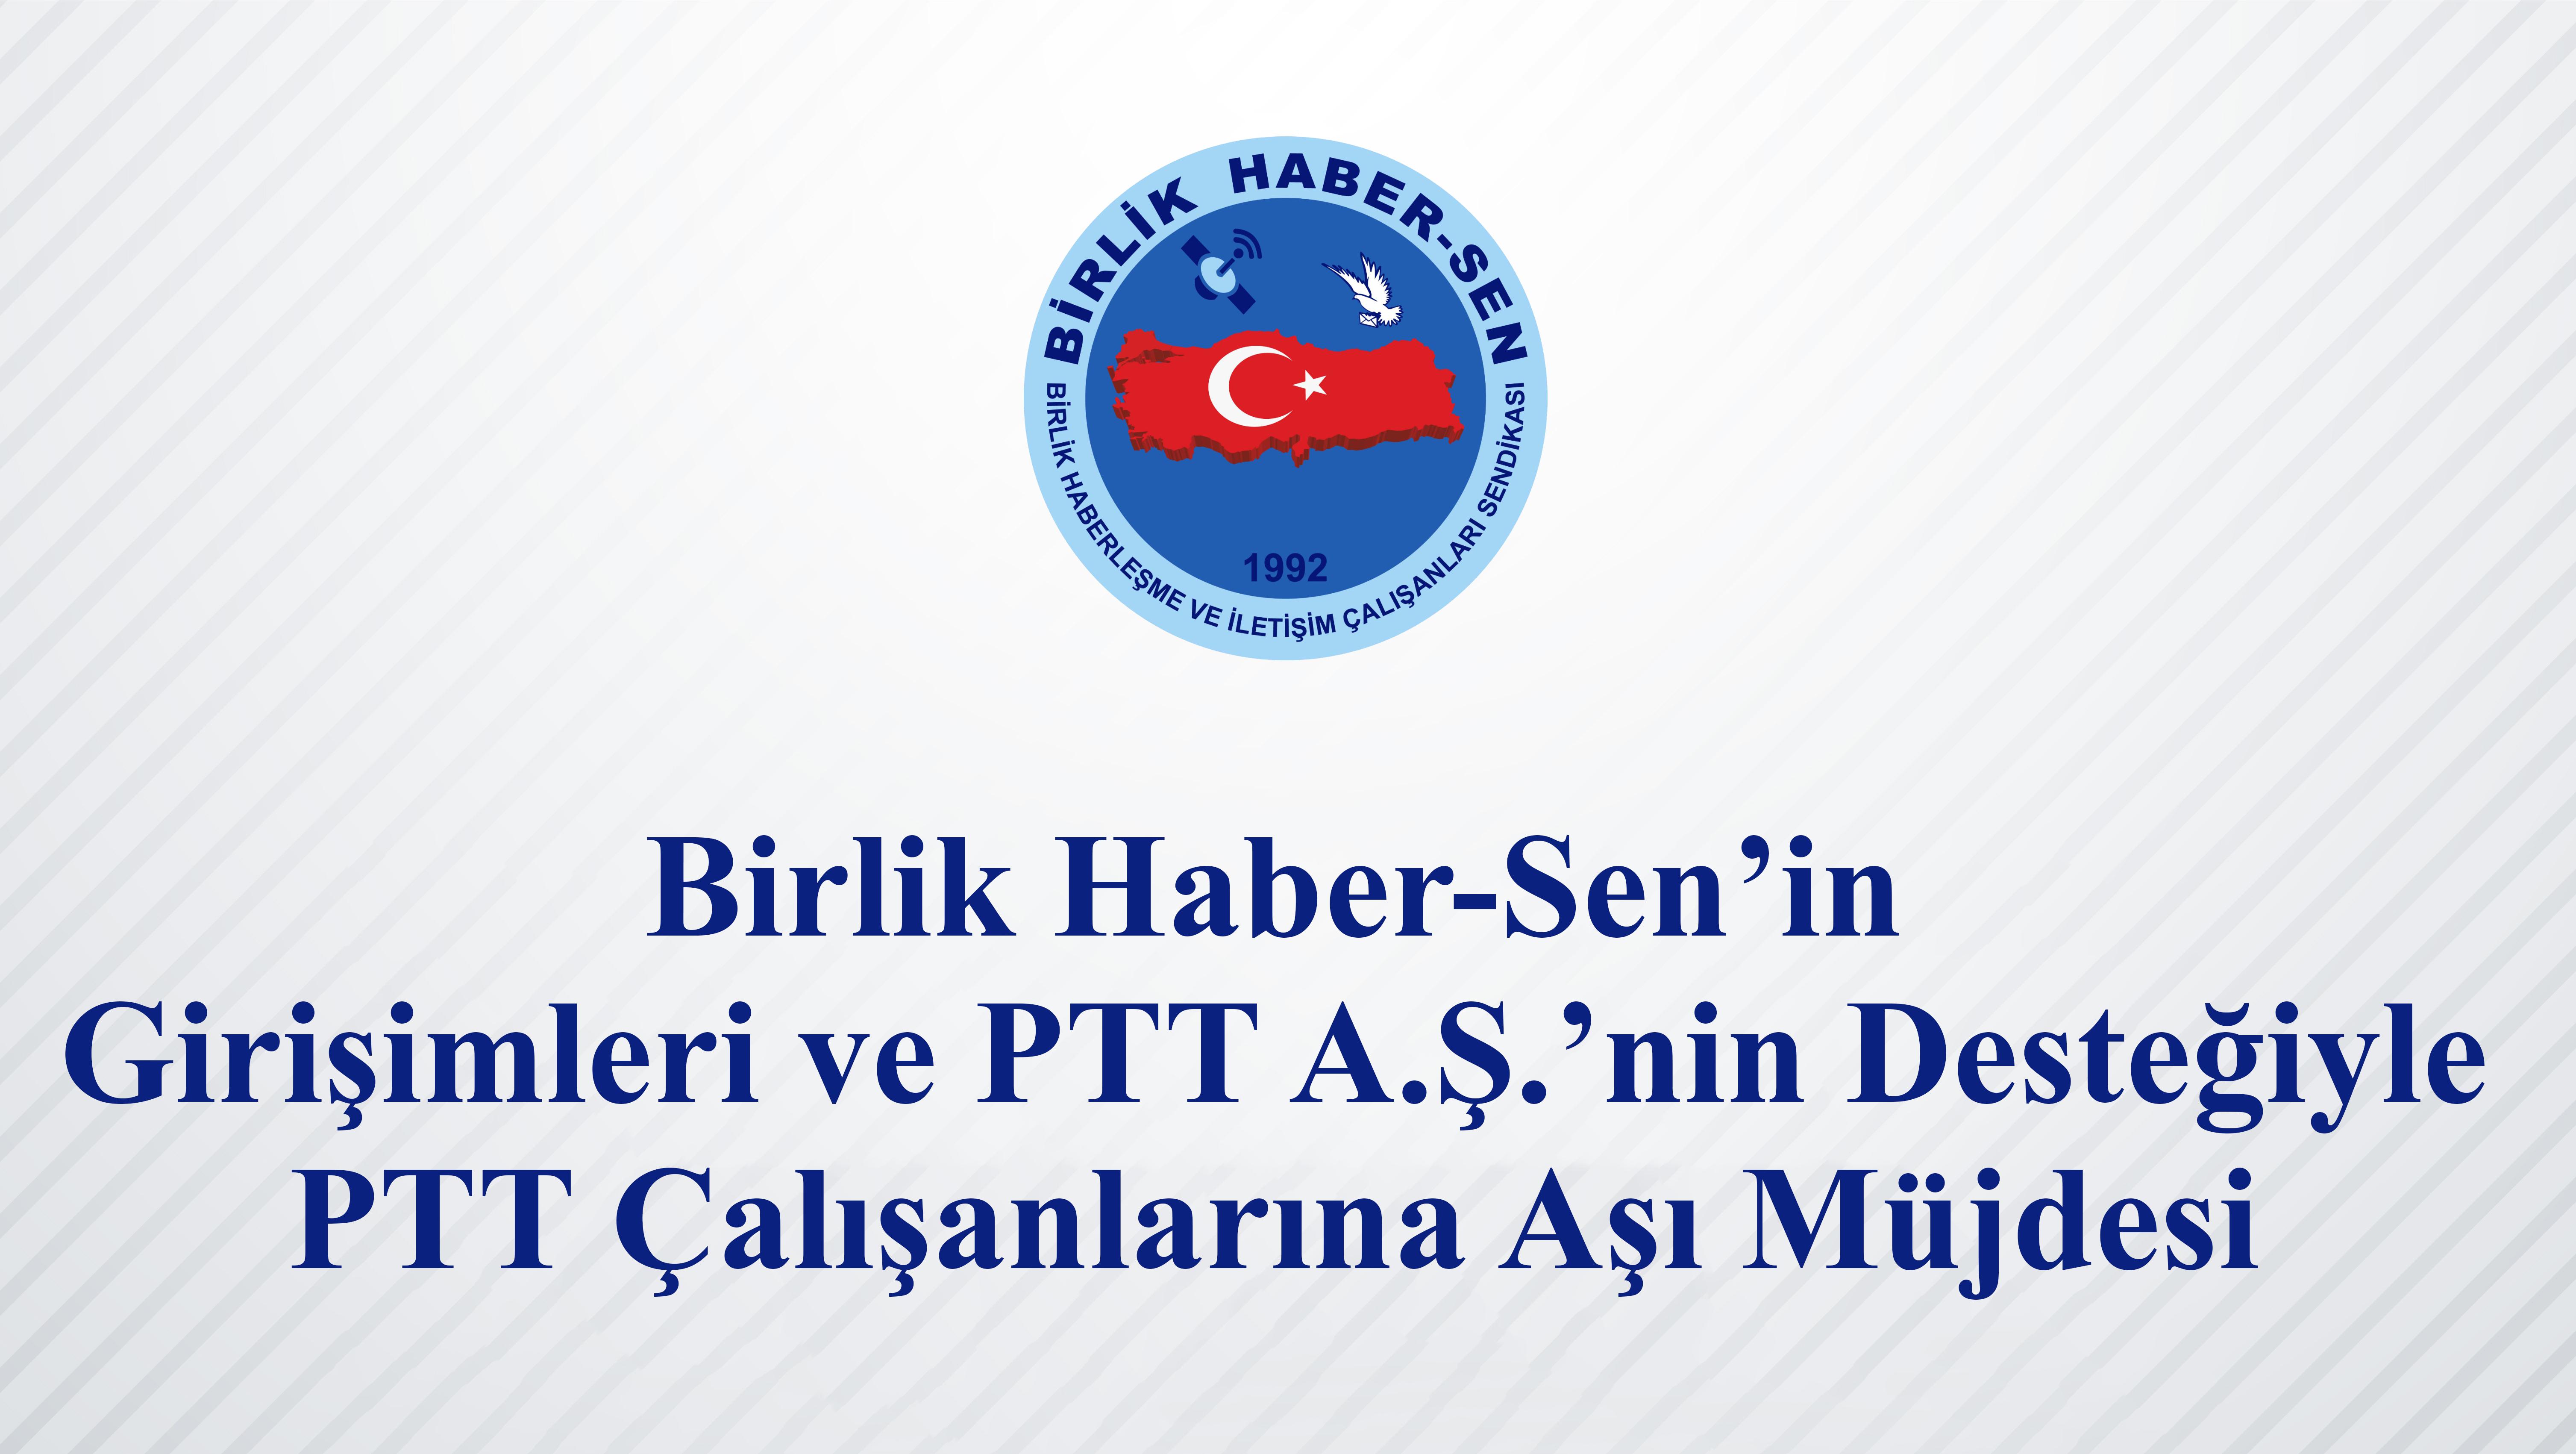 Birlik Haber-Sen'in Girişimleri ve PTT A.Ş.'nin Desteğiyle PTT Çalışanlarına Aşı Müjdesi